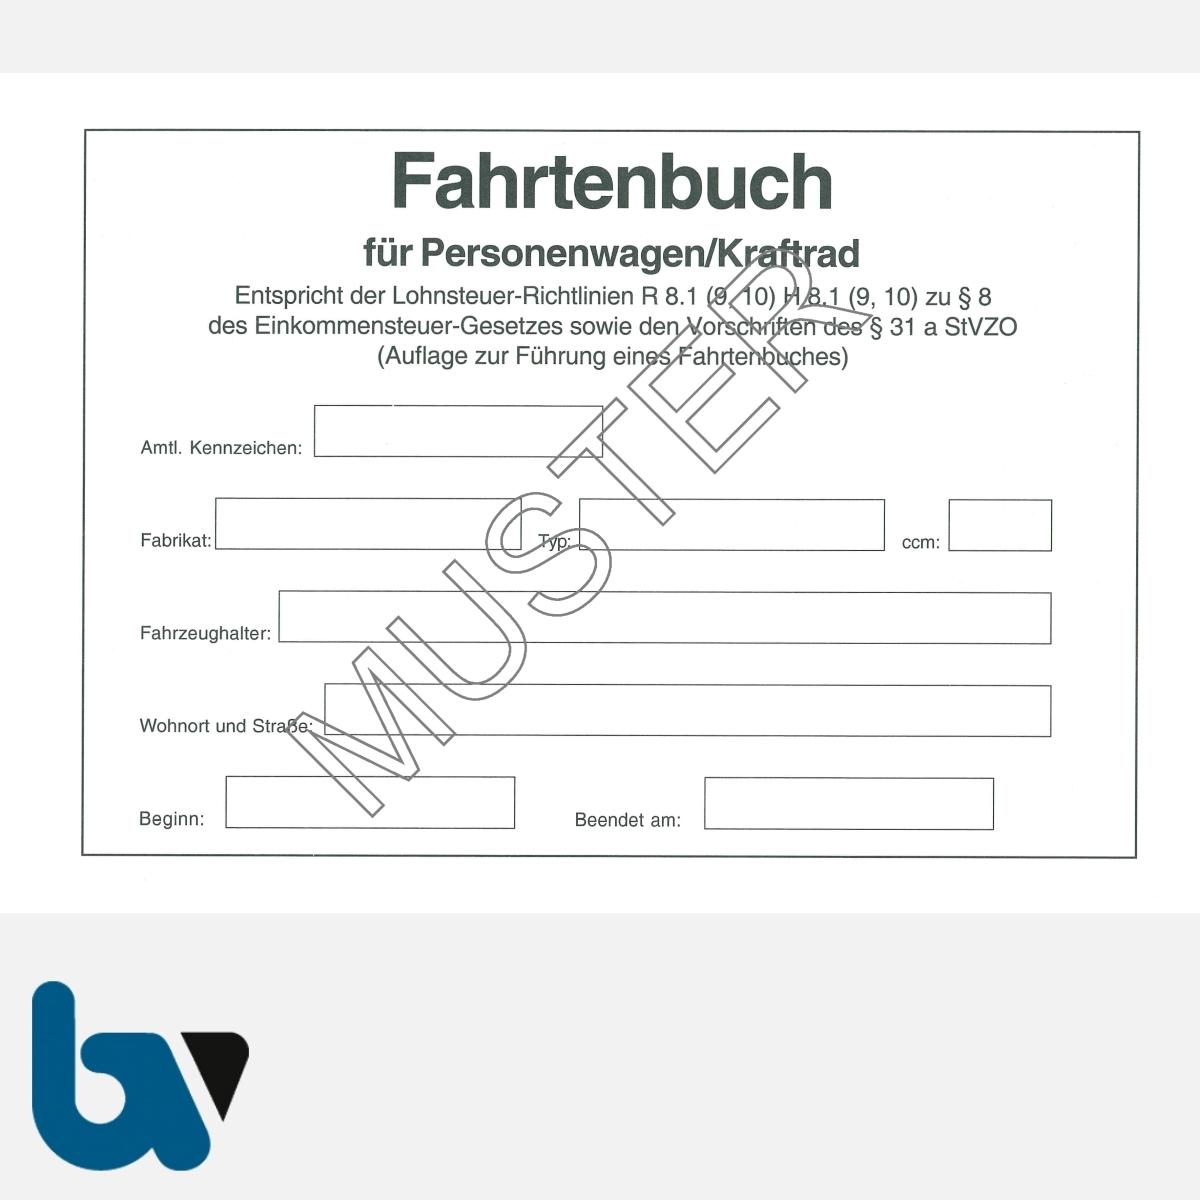 0/137-3 Fahrtenbuch Personenwagen Kraftrad Fahrzeug Lohnsteuer Richtlinie StVO EStG Einkommensteuer Verwaltung Behörde DIN A5 Seite 2 | Borgard Verlag GmbH